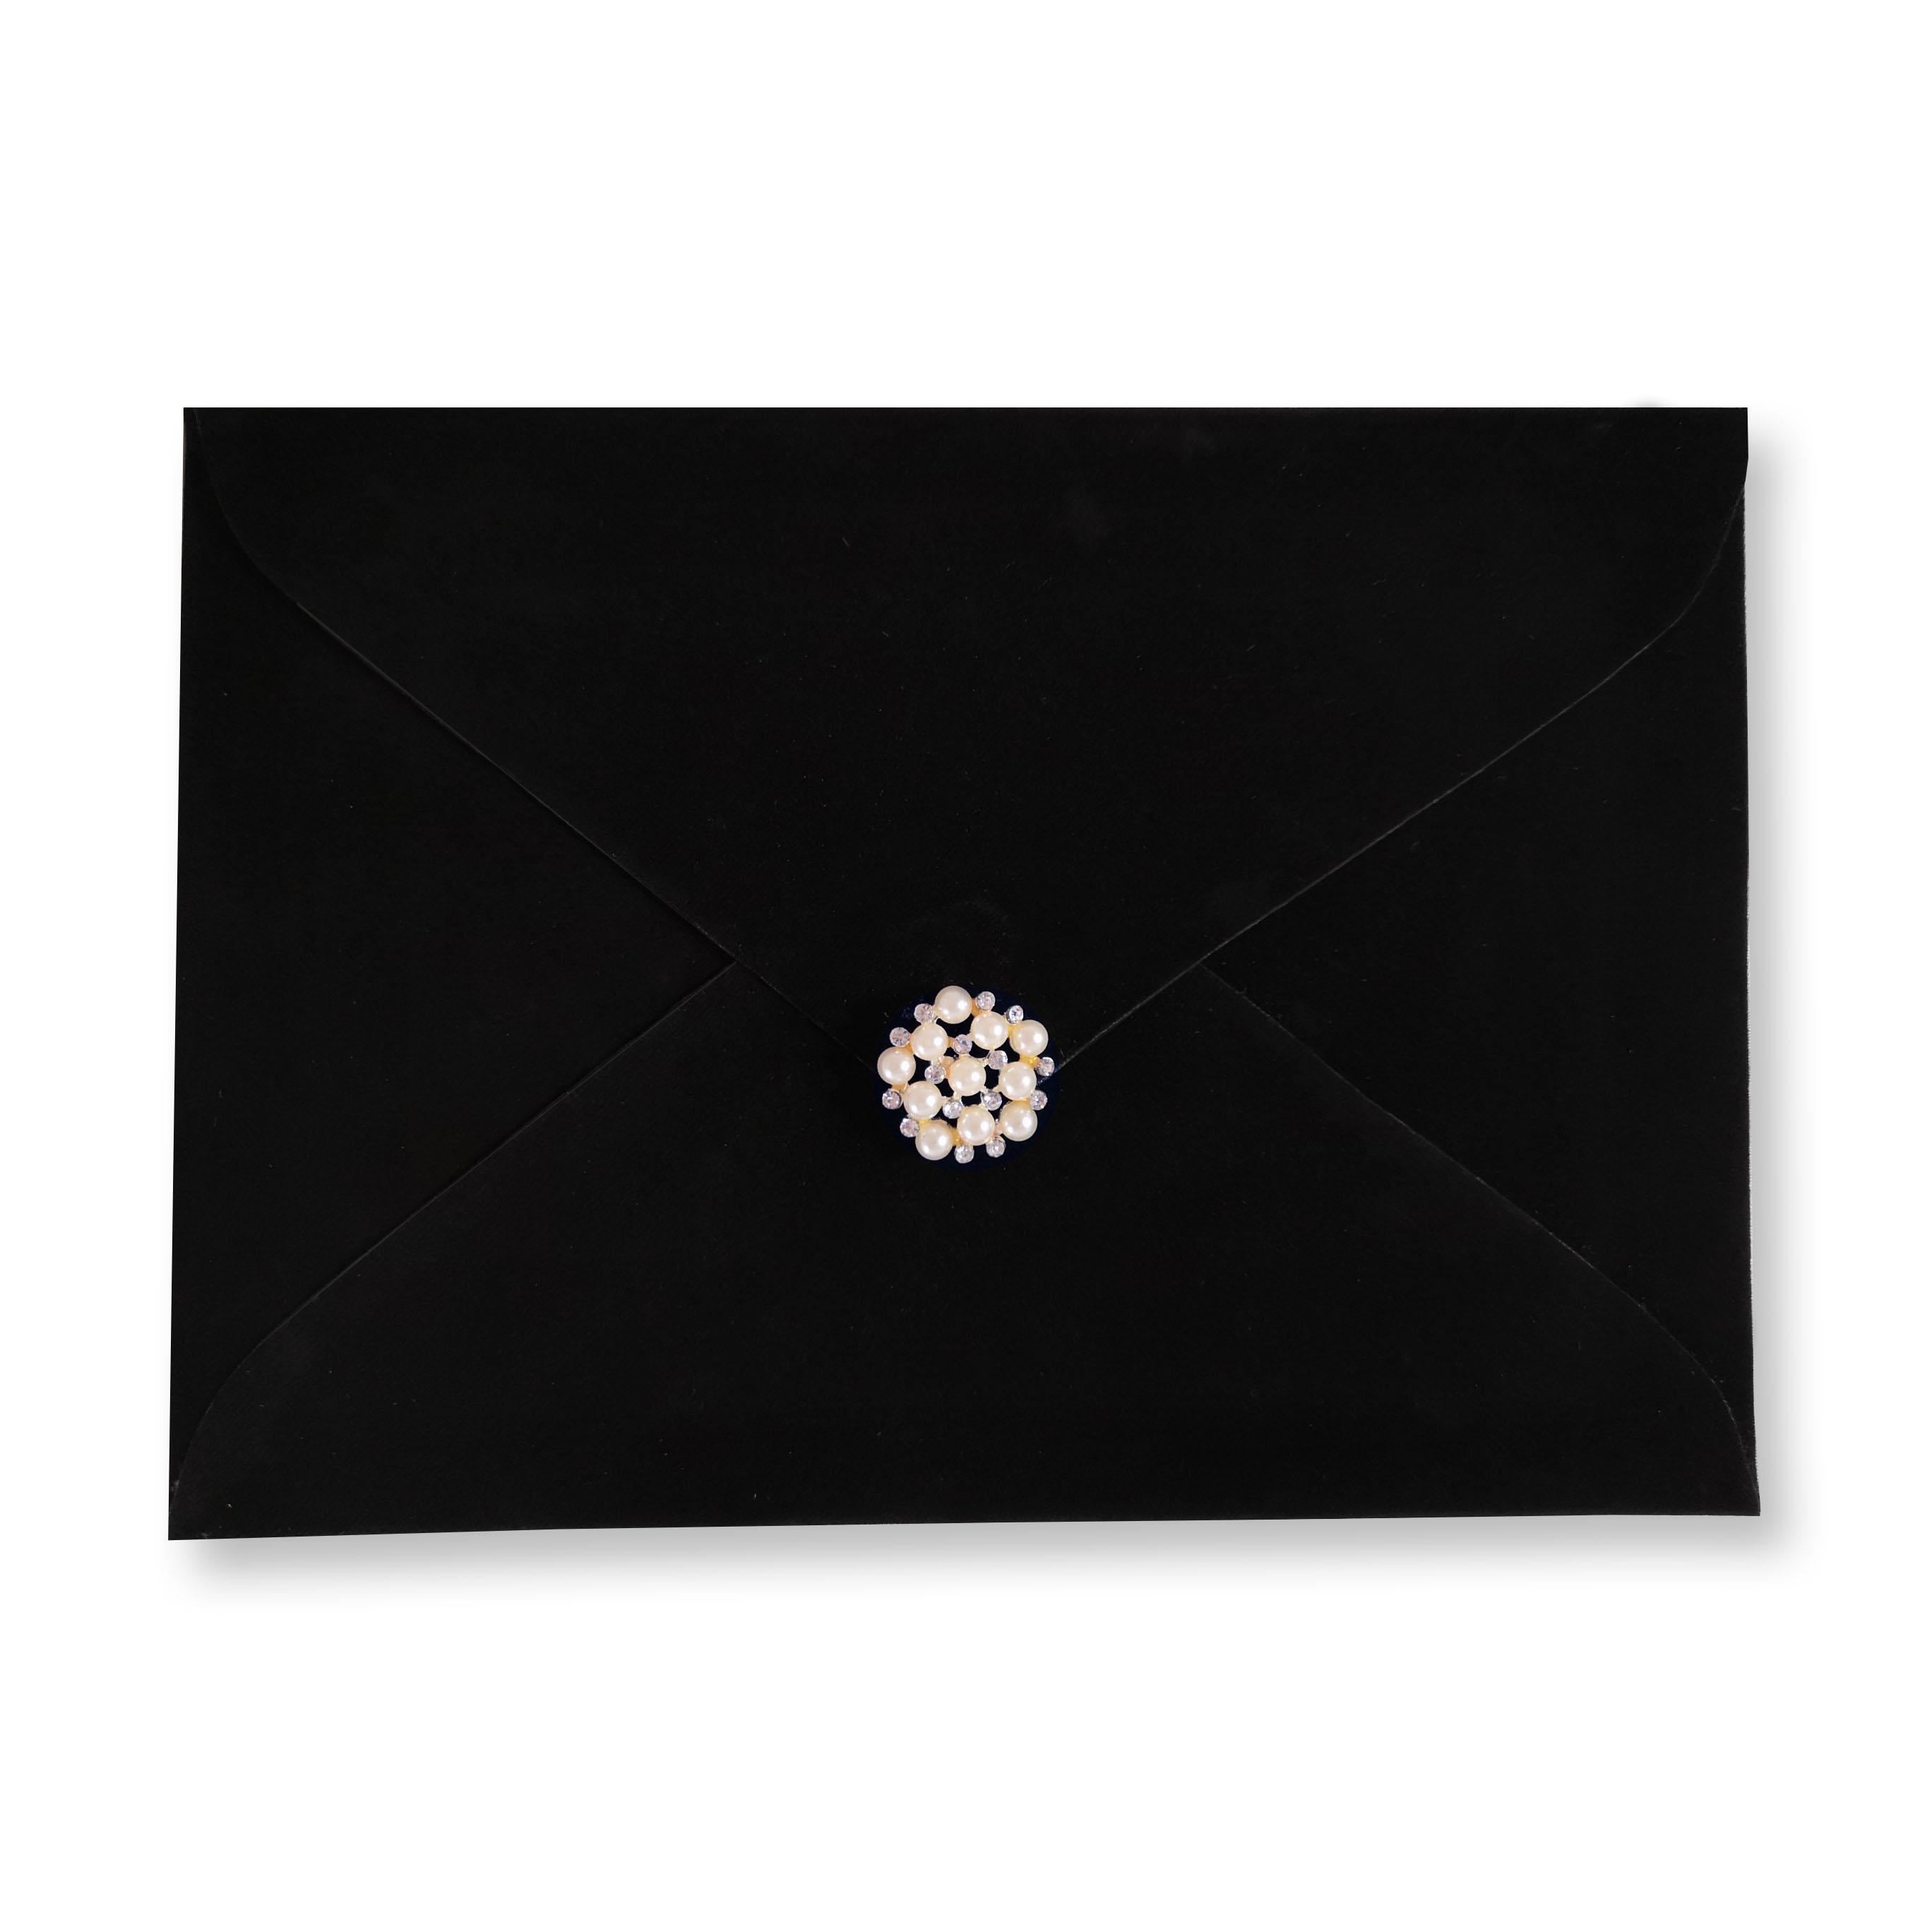 Black velvet envelope